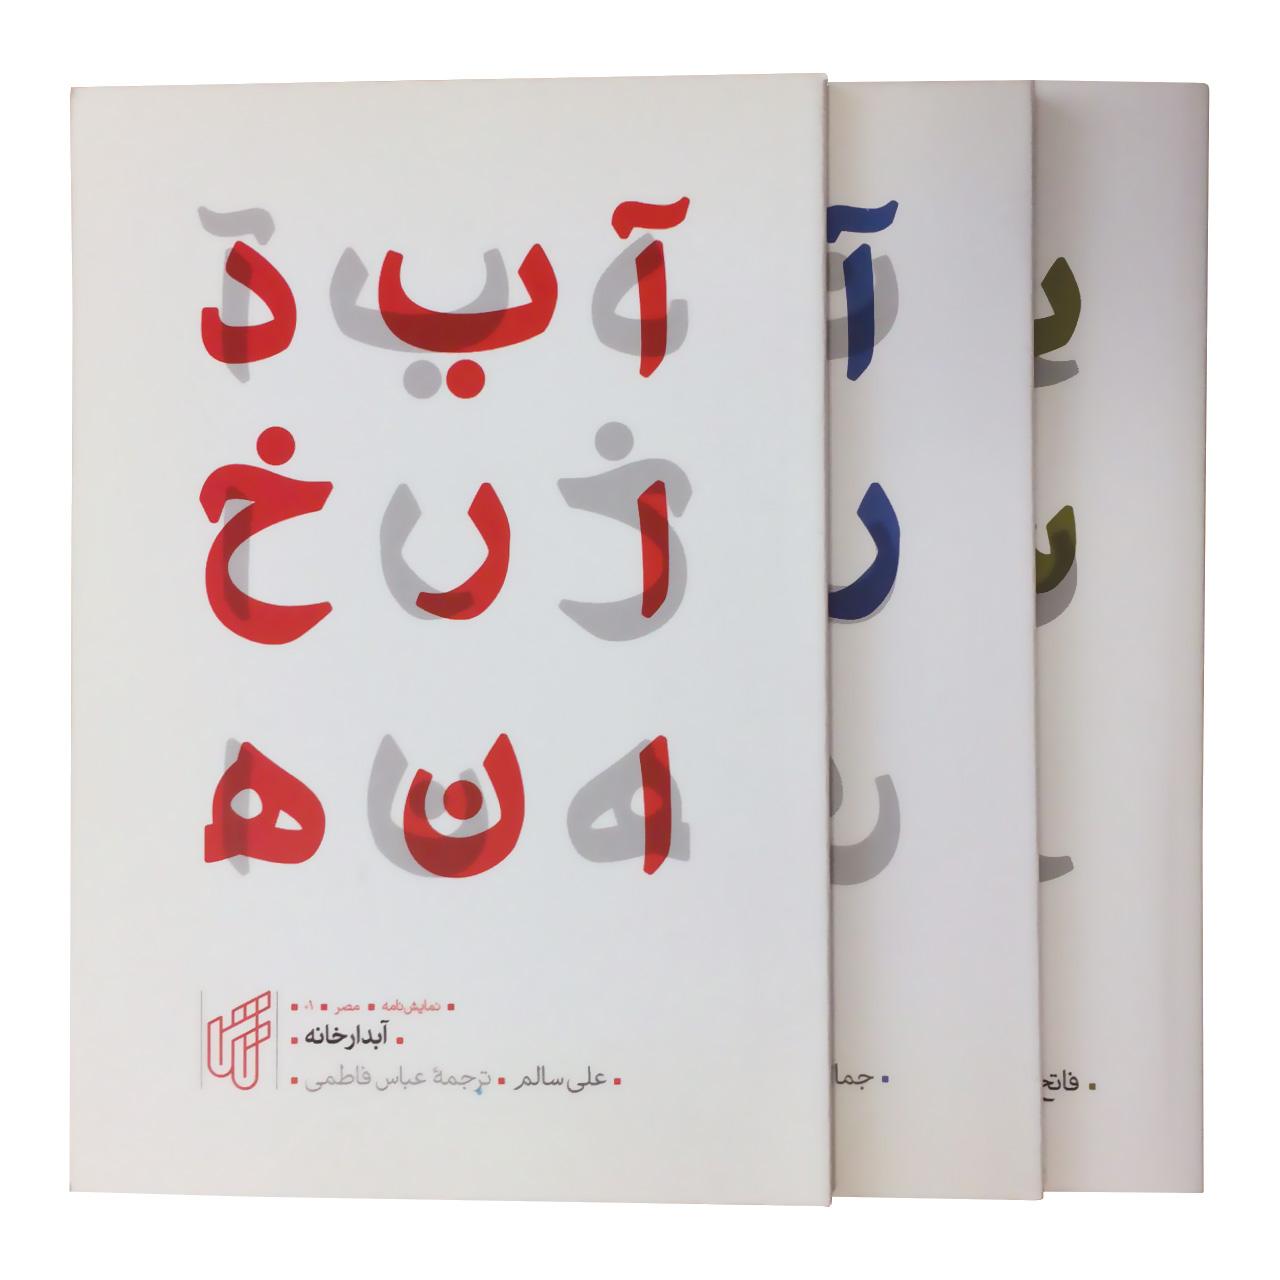 کتاب نمایشنامه نویسان عرب زبان مجموعه 3 جلدی